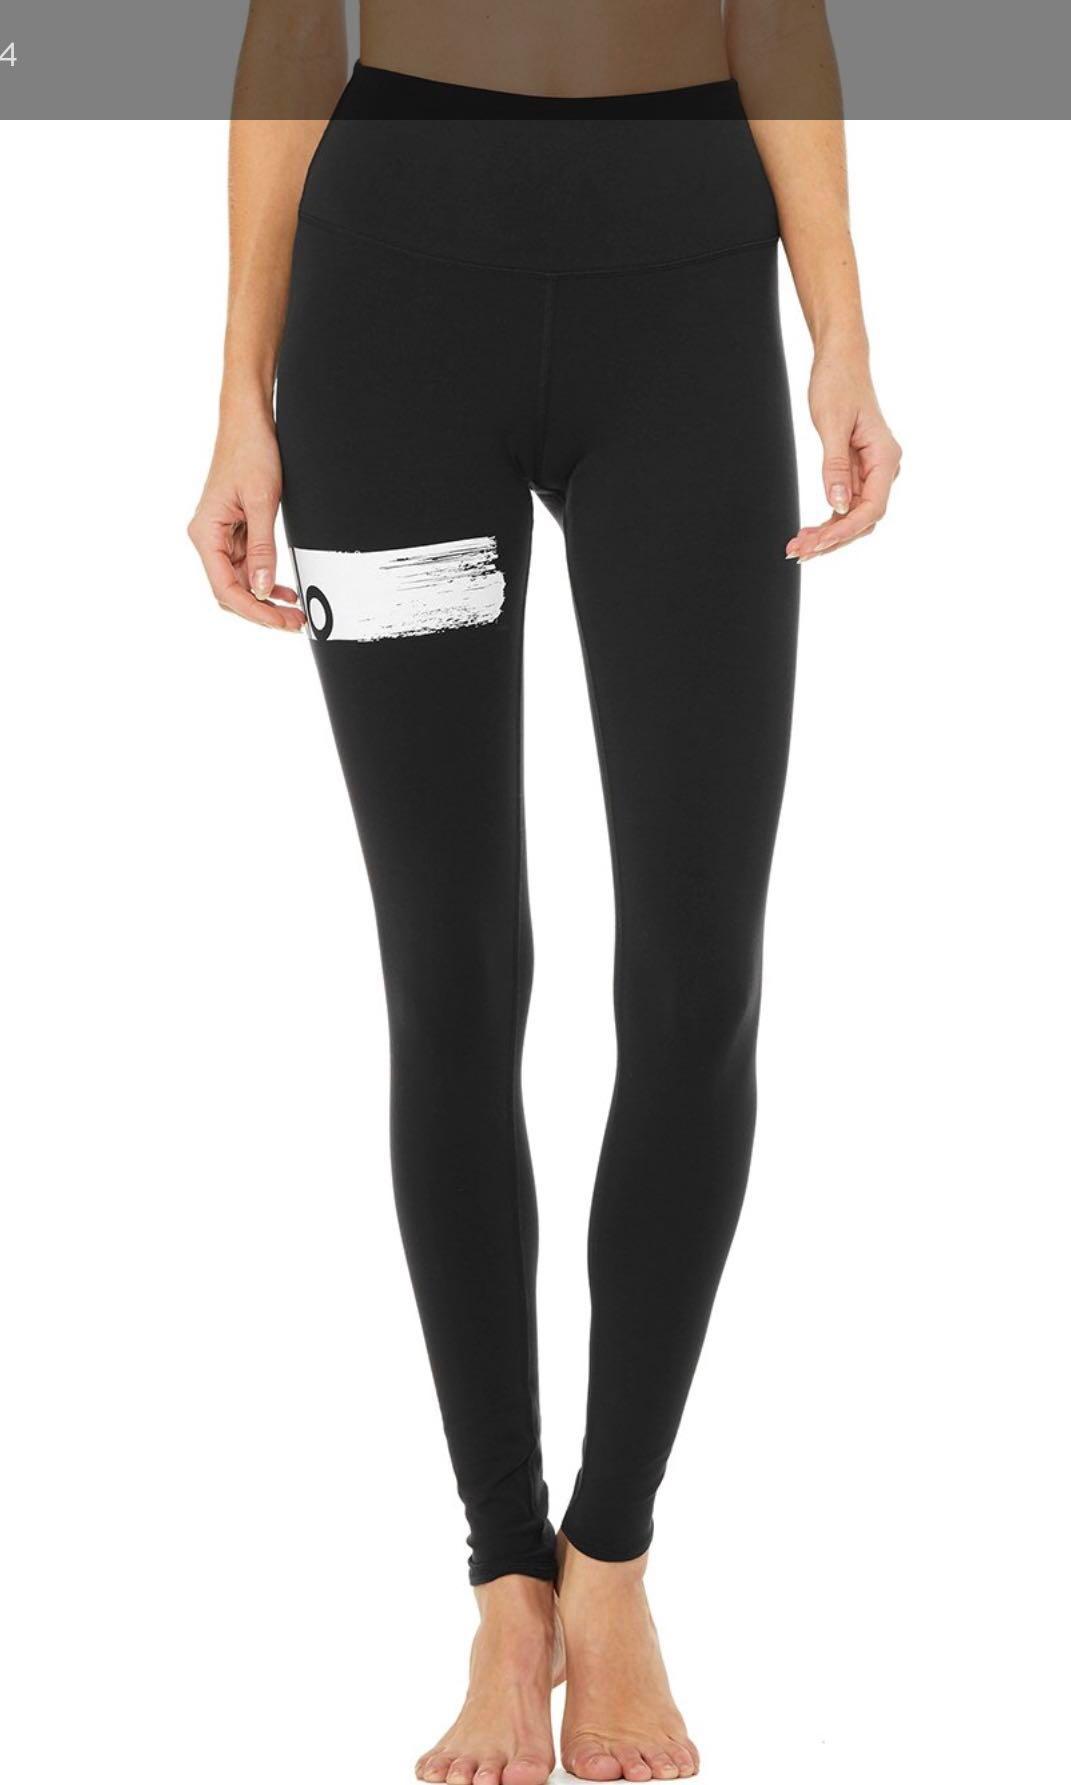 044d3913c654a Alo Yoga Class Print High-waist Airbrush Leggings, Sports, Sports ...